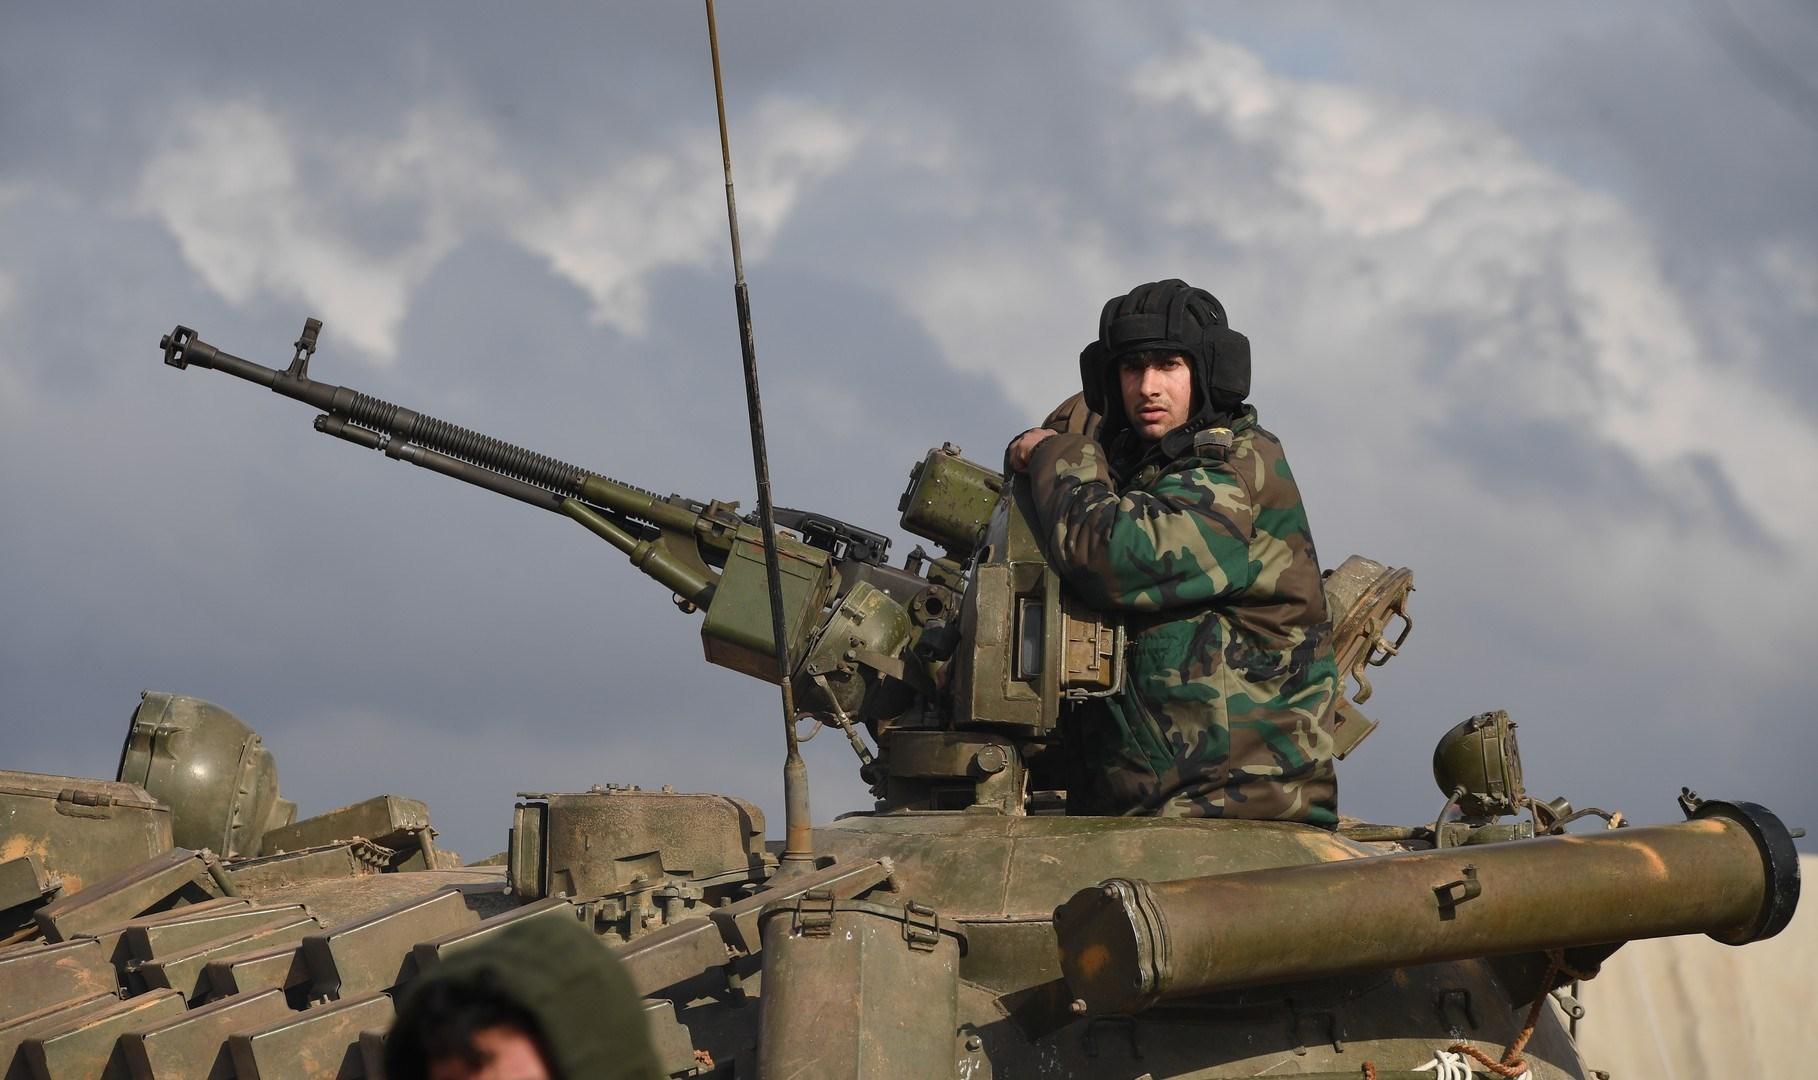 الجيش السوري يحرر قرى جديدة في ريف إدلب الجنوبي الشرقي